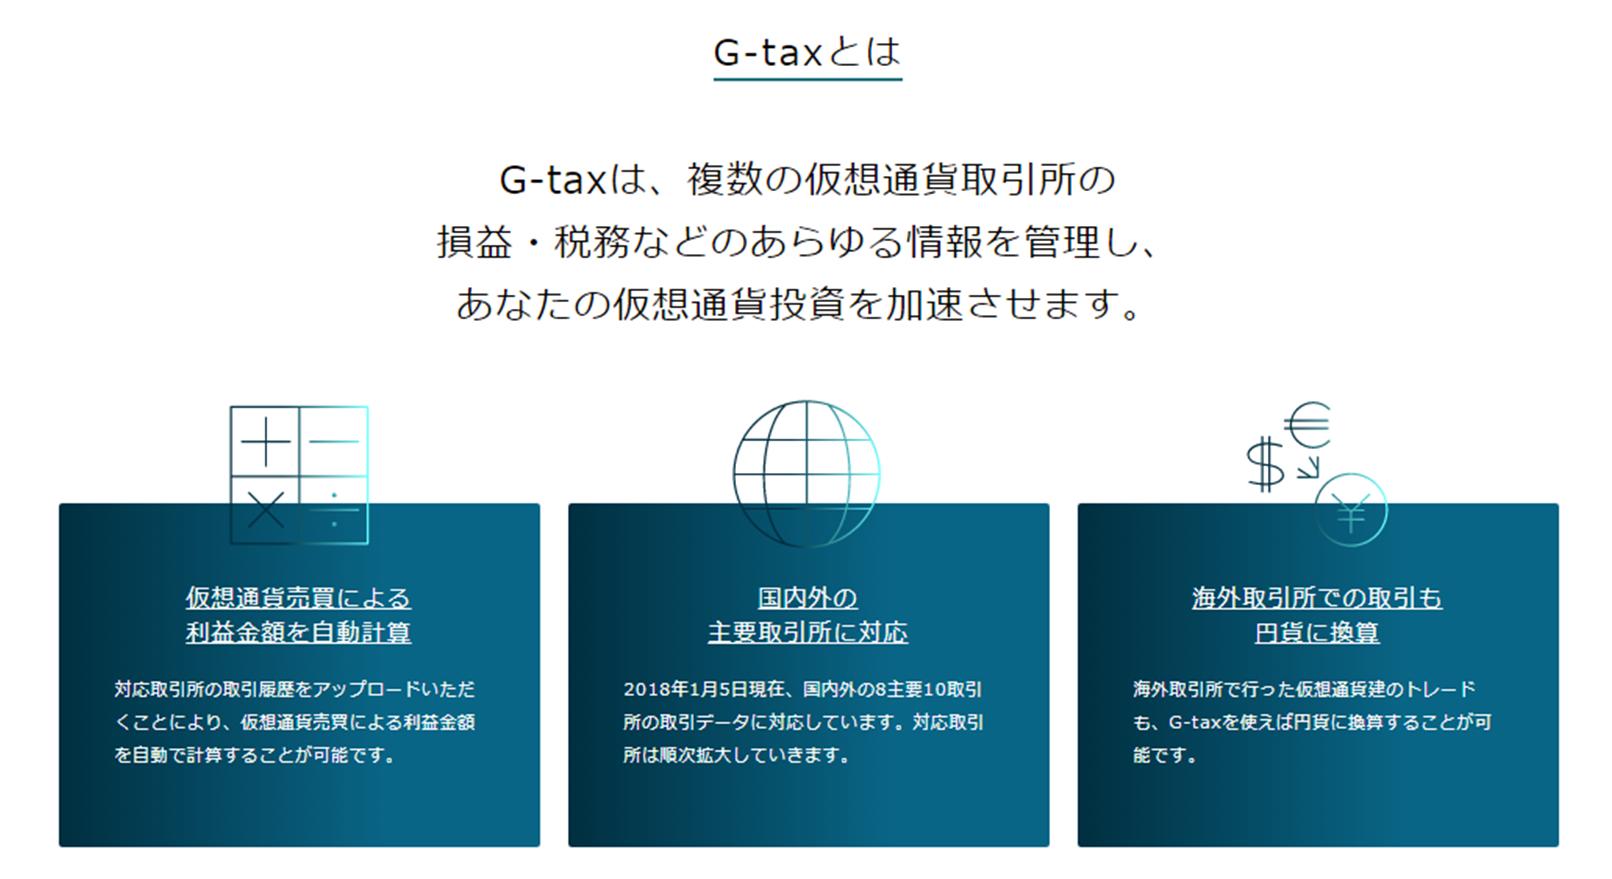 仮想通貨の税金を計算するG-taxの説明